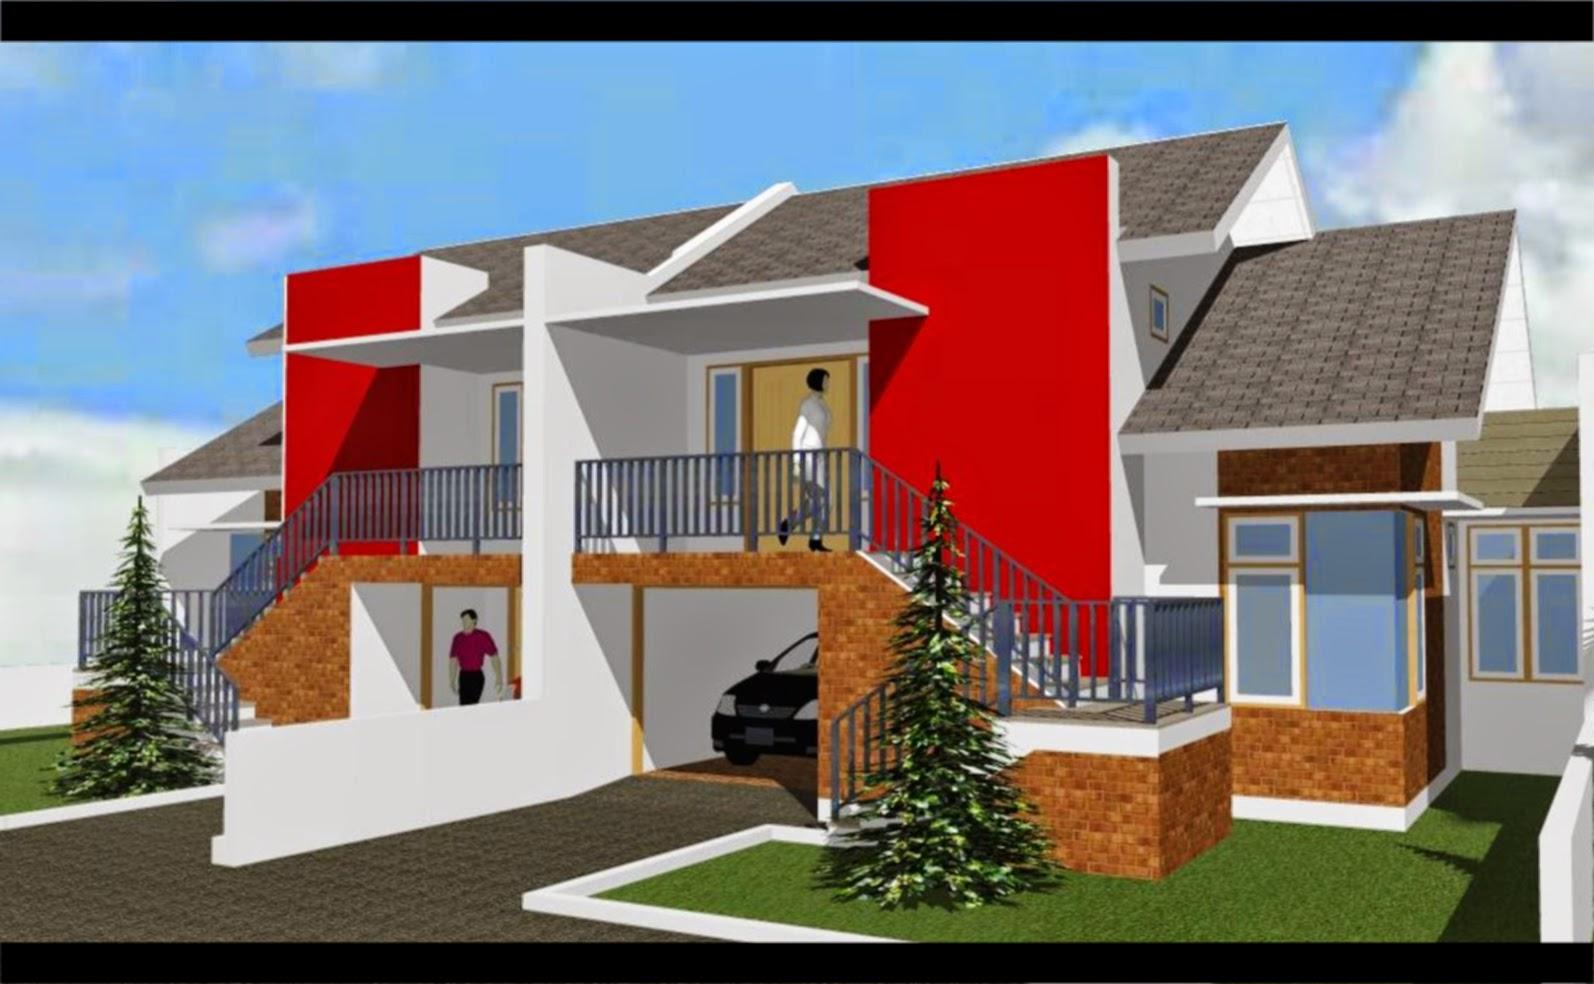 68 Desain Rumah Minimalis Warna Merah Desain Rumah Minimalis Terbaru